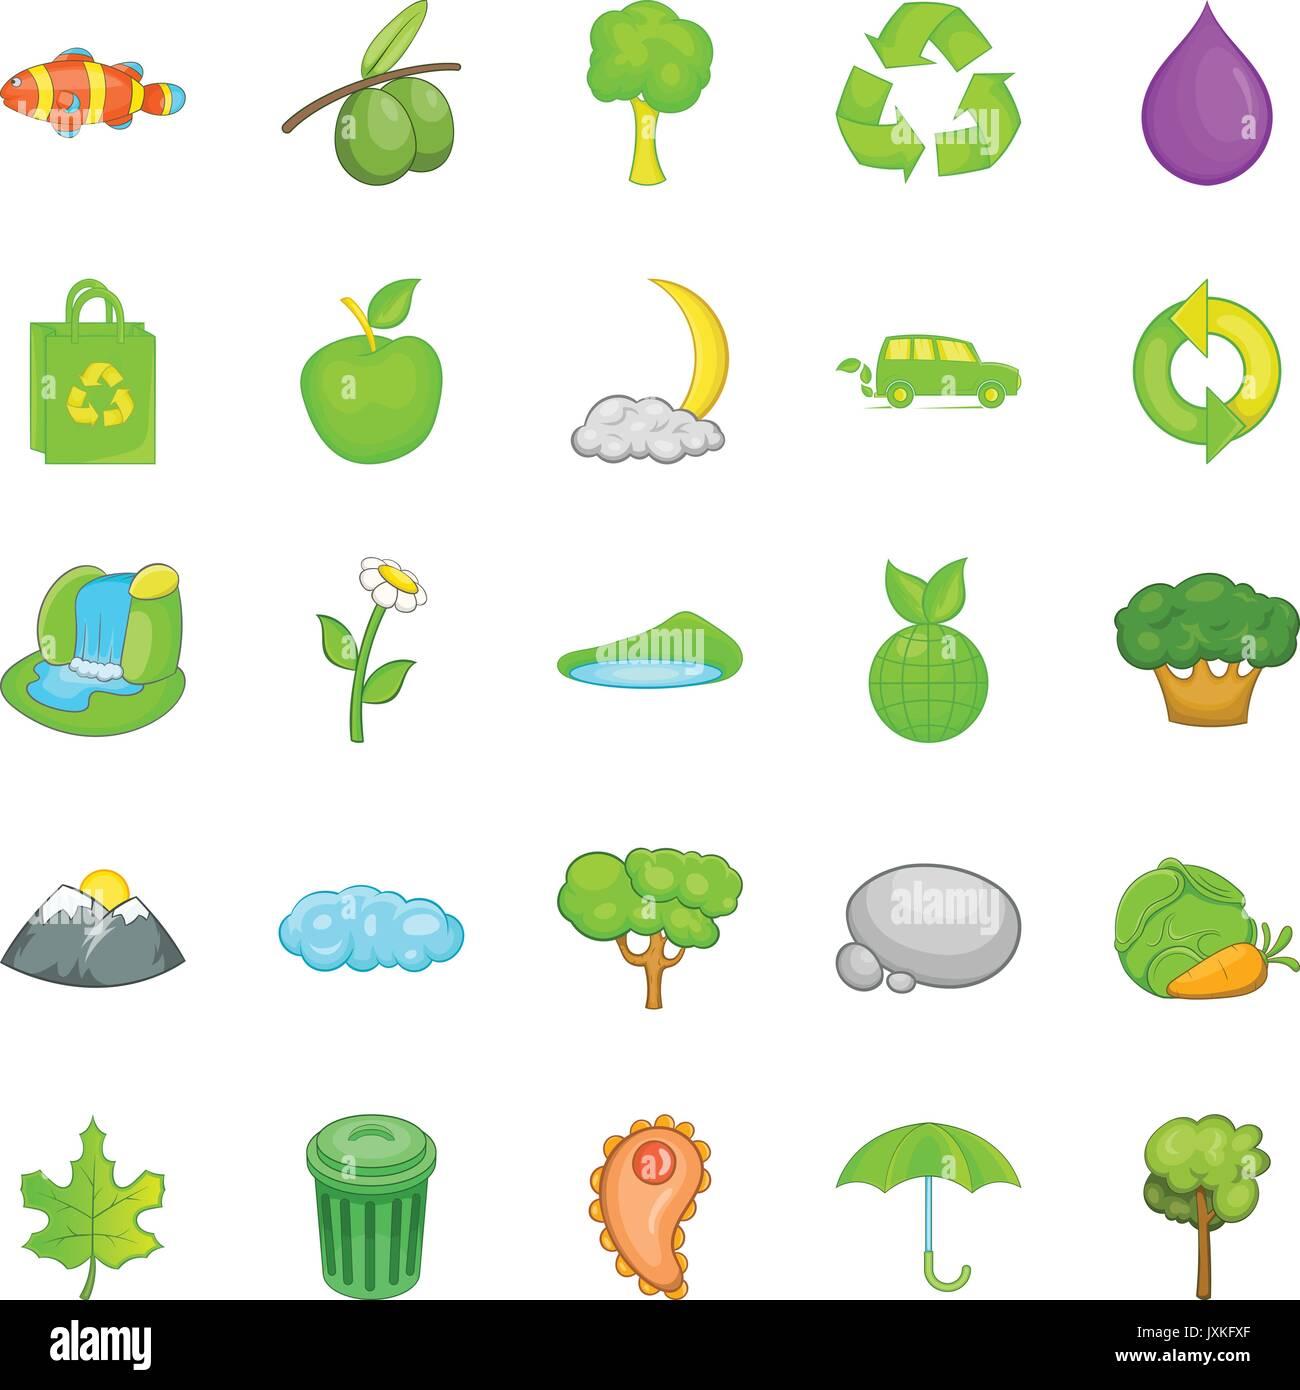 Contaminación Ambiental Conjunto De Iconos De Estilo De Dibujos